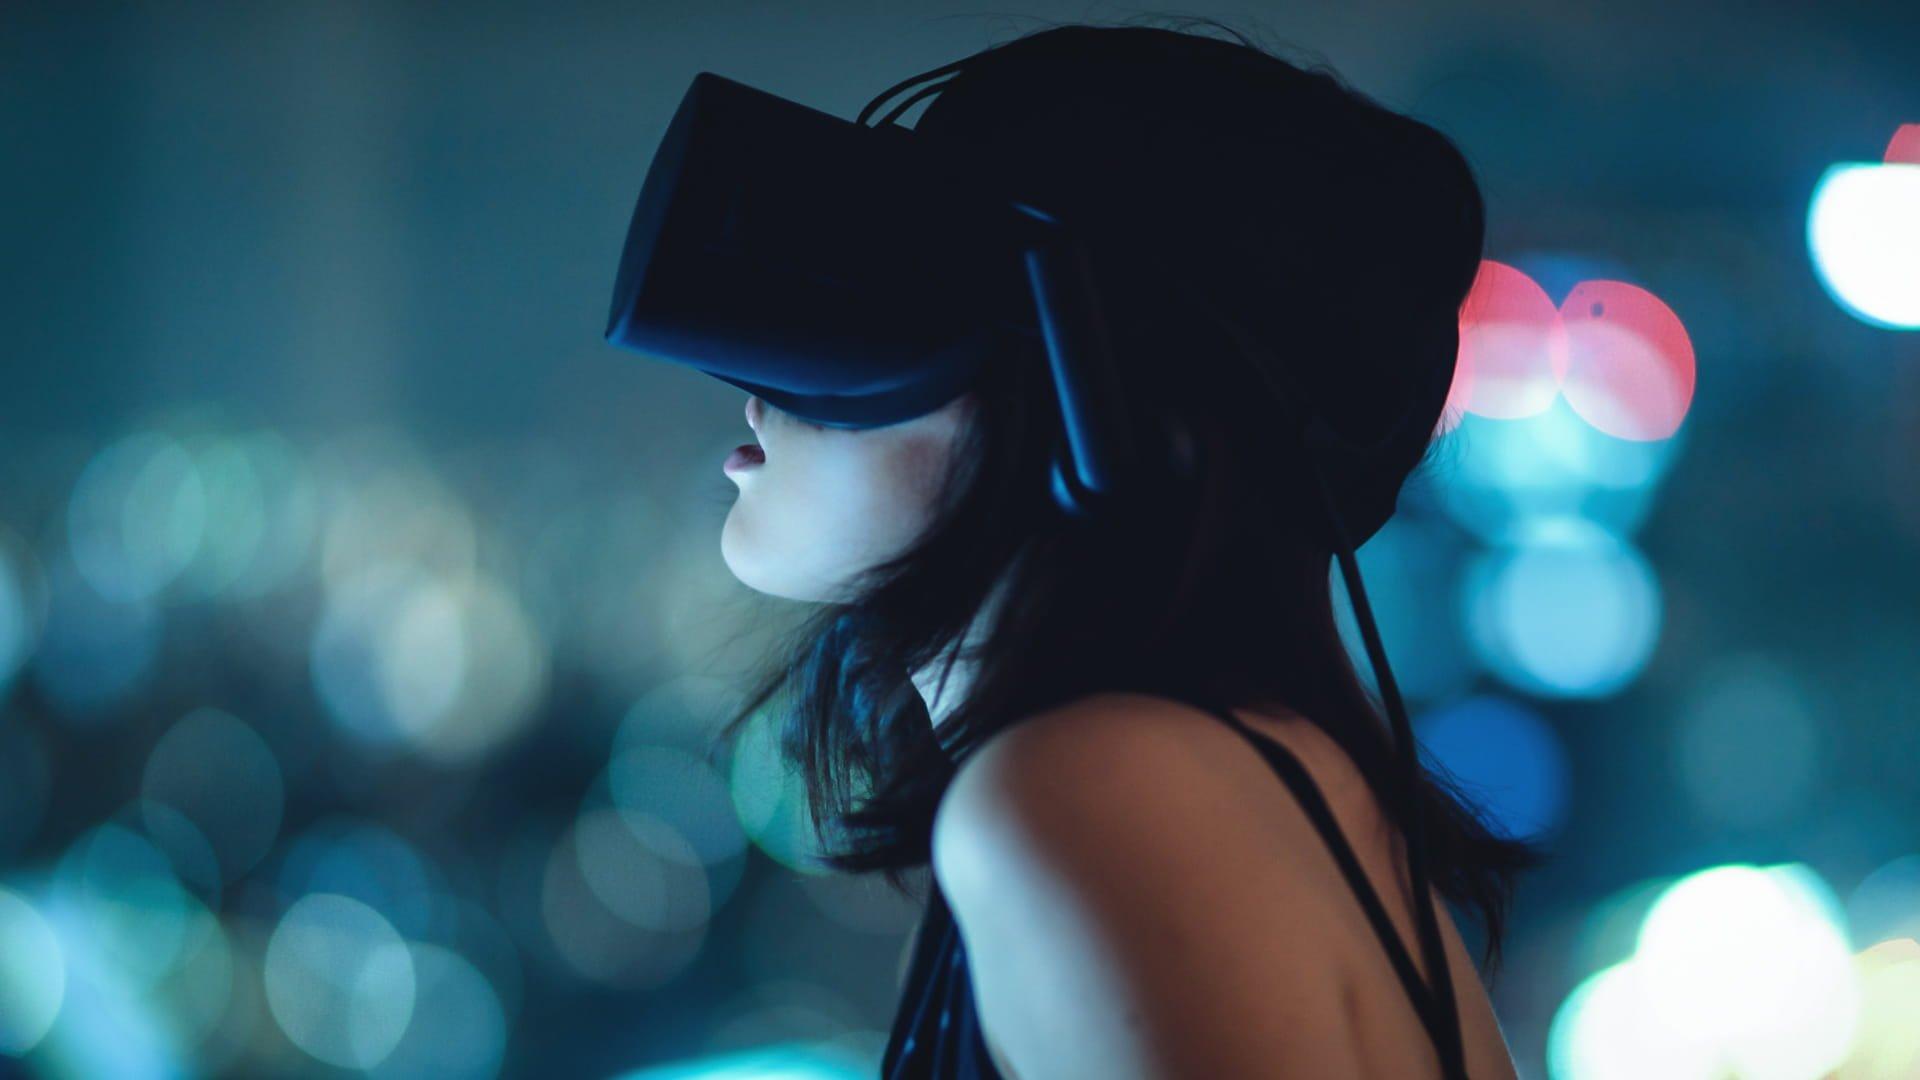 Il porno virtuale può essere usato per la terapia di coppia